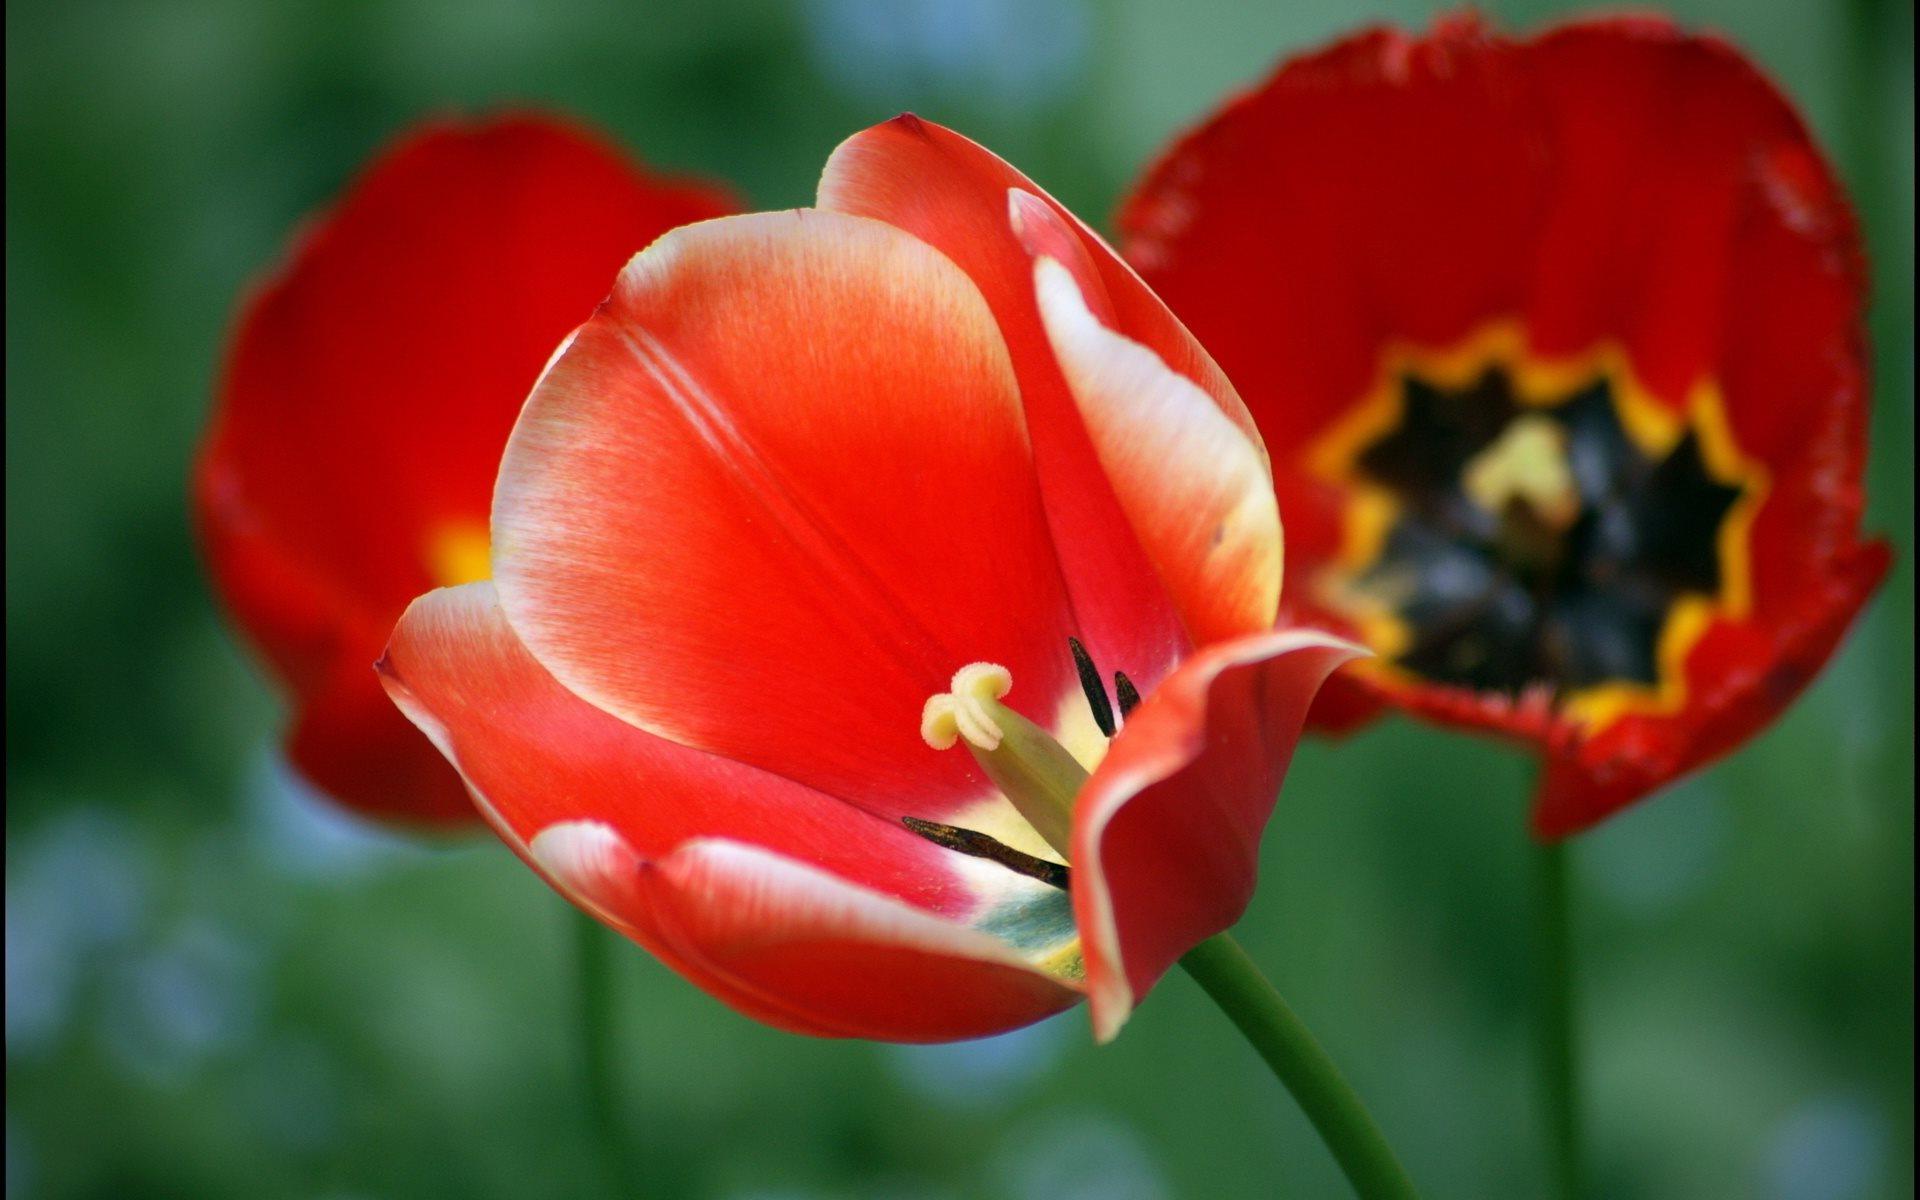 красивые цветы картинки высокого разрешения